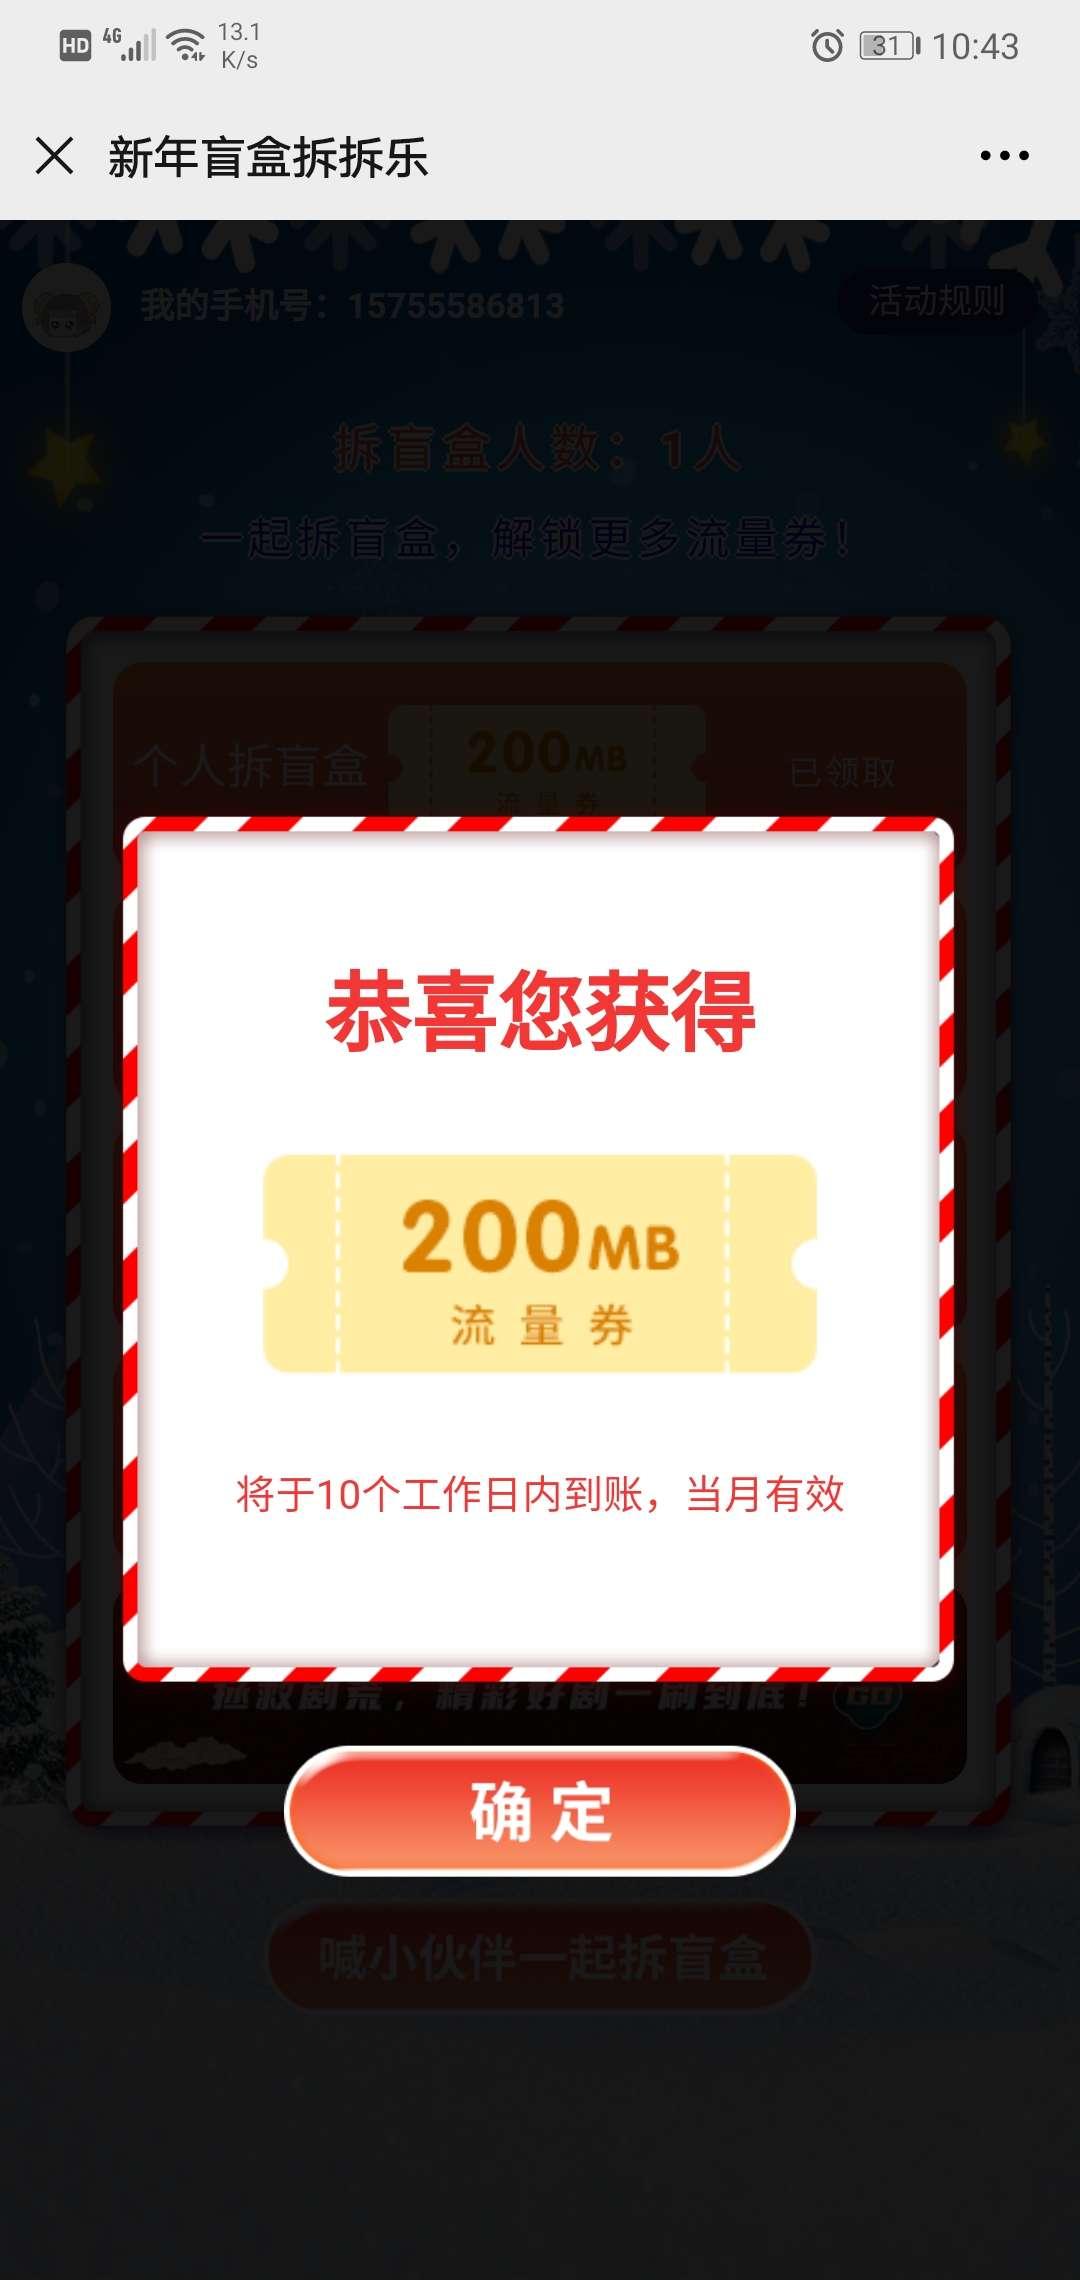 中国移动和粉俱乐部领200M-4.2G流量插图1